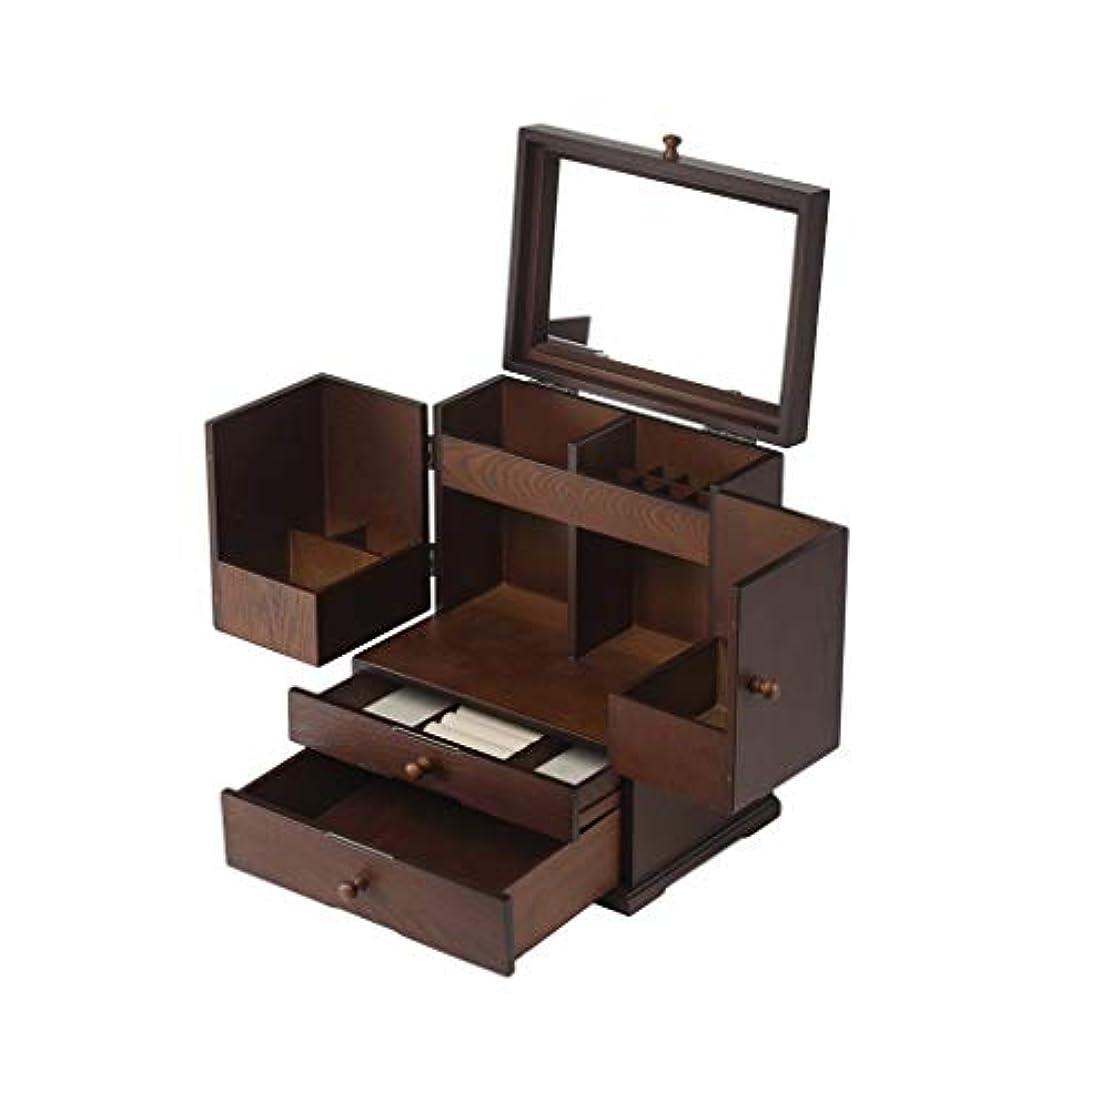 令状商品パントリー化粧台ピアス、化粧品、宝飾品、収納ボックス、ちり止め、ヴィンテージ木製、木製引き出し、